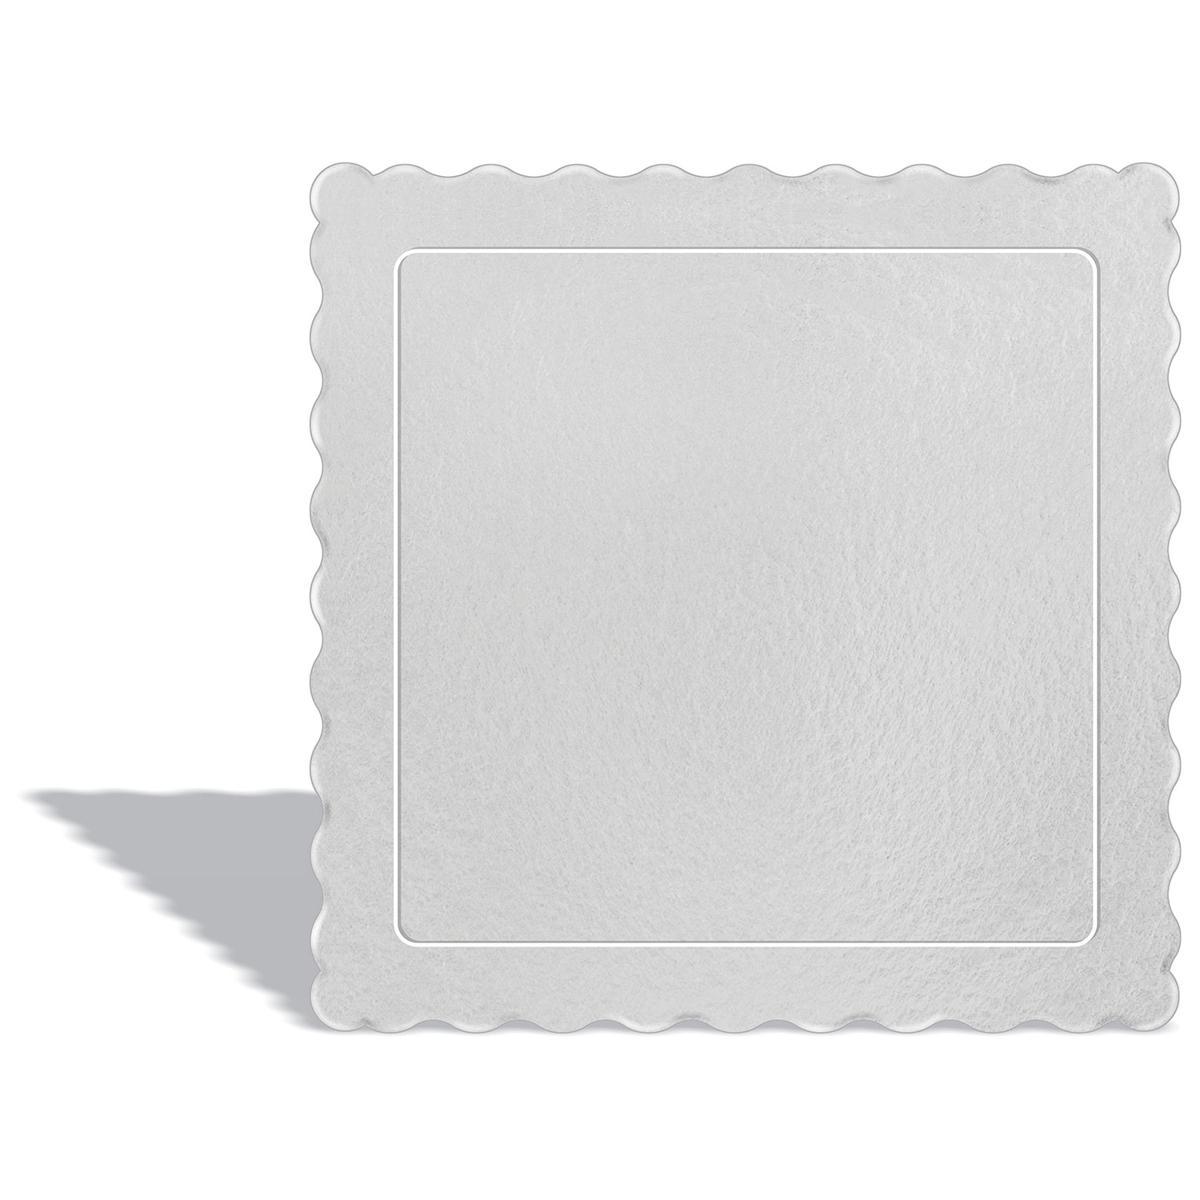 50 Bases Laminadas Para Bolo Quadrado, Cake Board 28x28cm